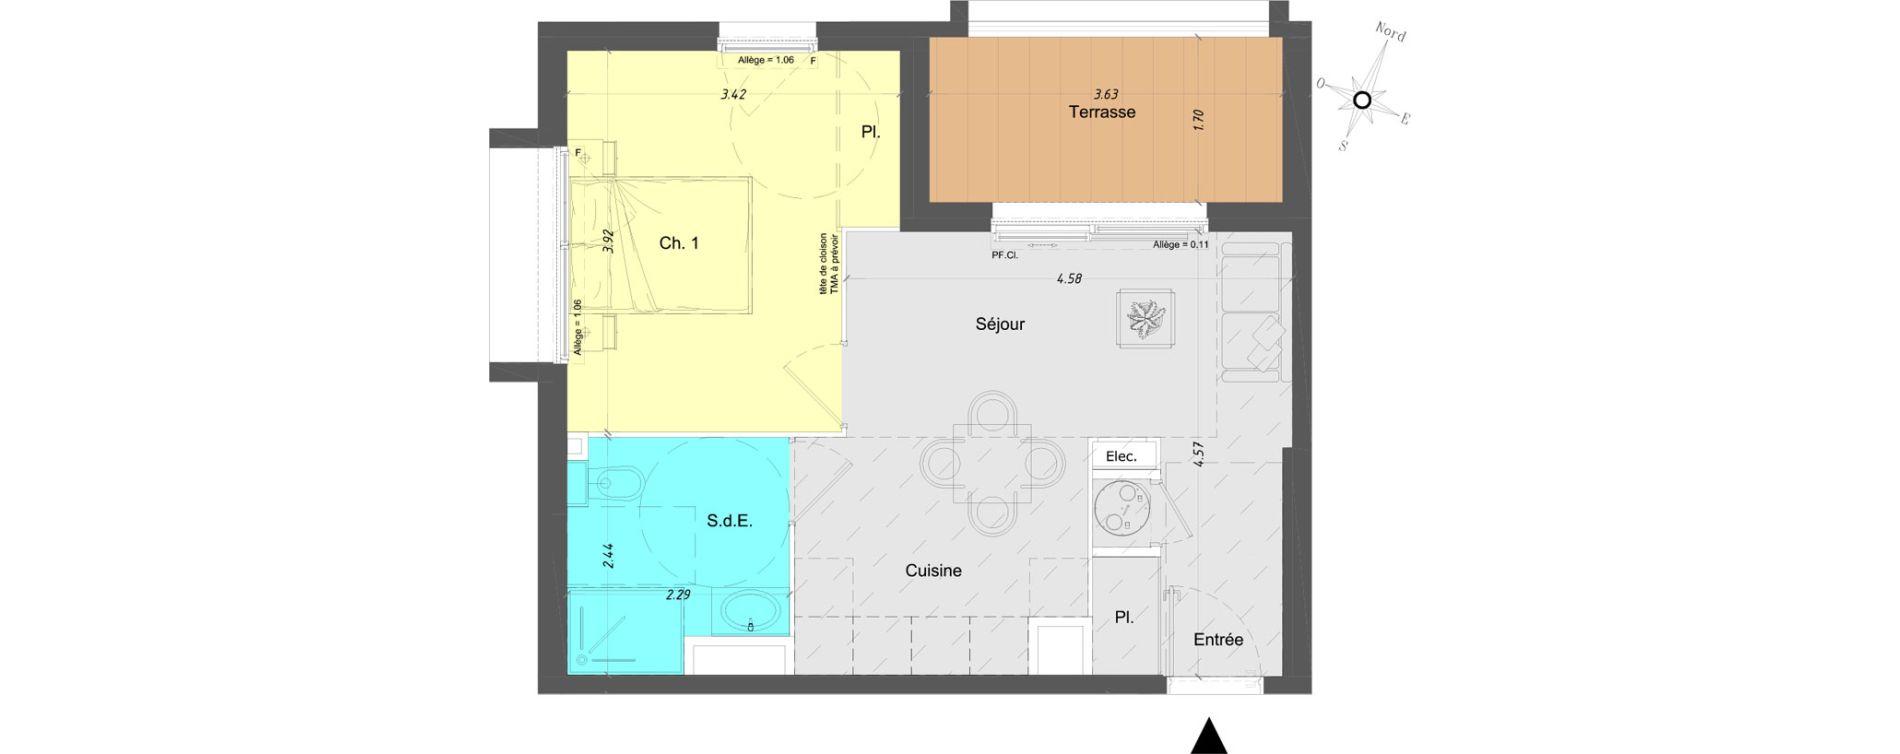 Appartement T2 de 38,40 m2 à Vence Centre